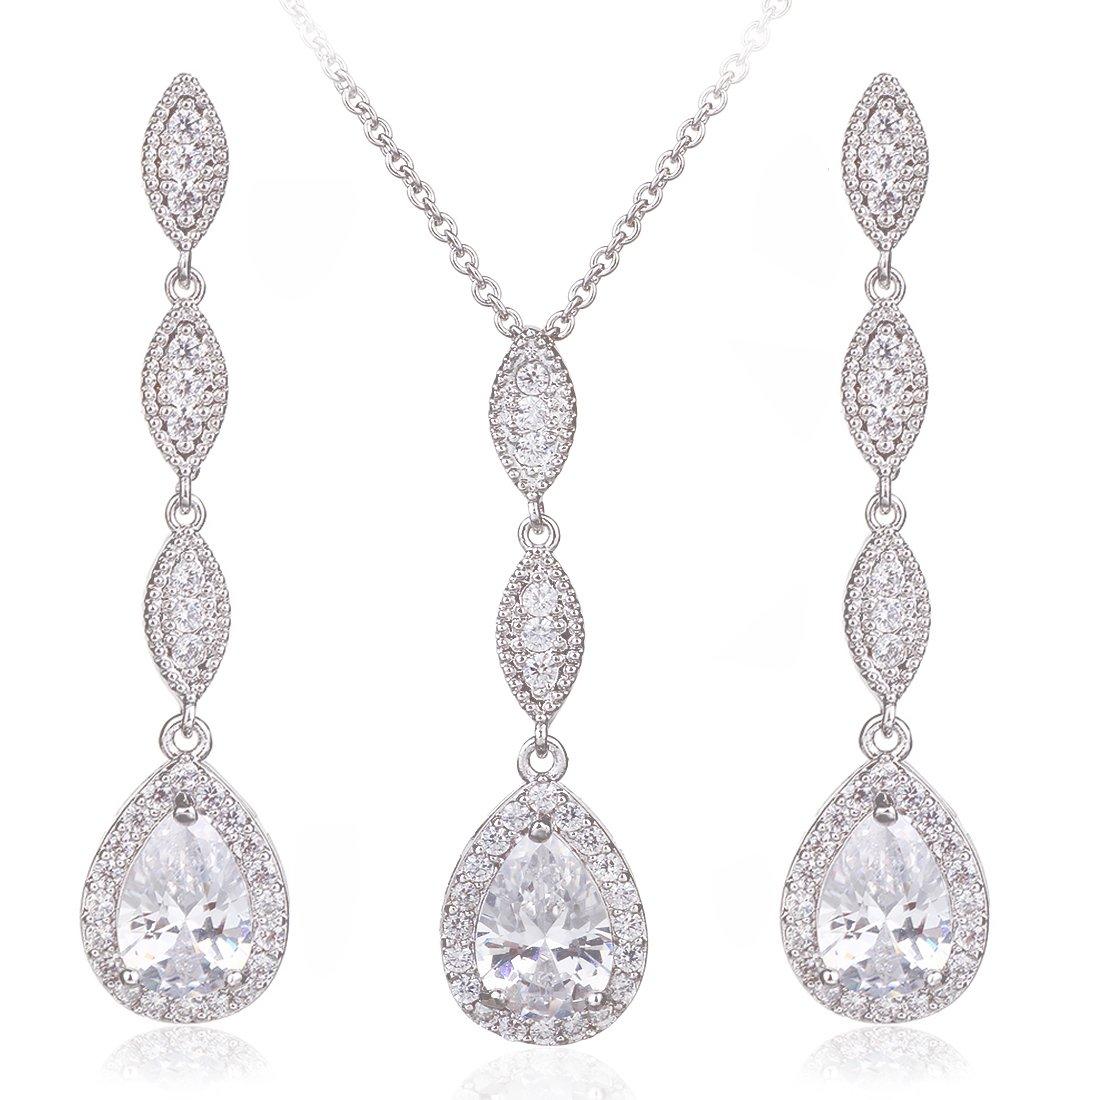 520f375cf Amazon.com: Wordless Love Teardrop Pear Shape CZ Necklace Pierced Earrings  Women Wedding Jewelry Sets: Jewelry